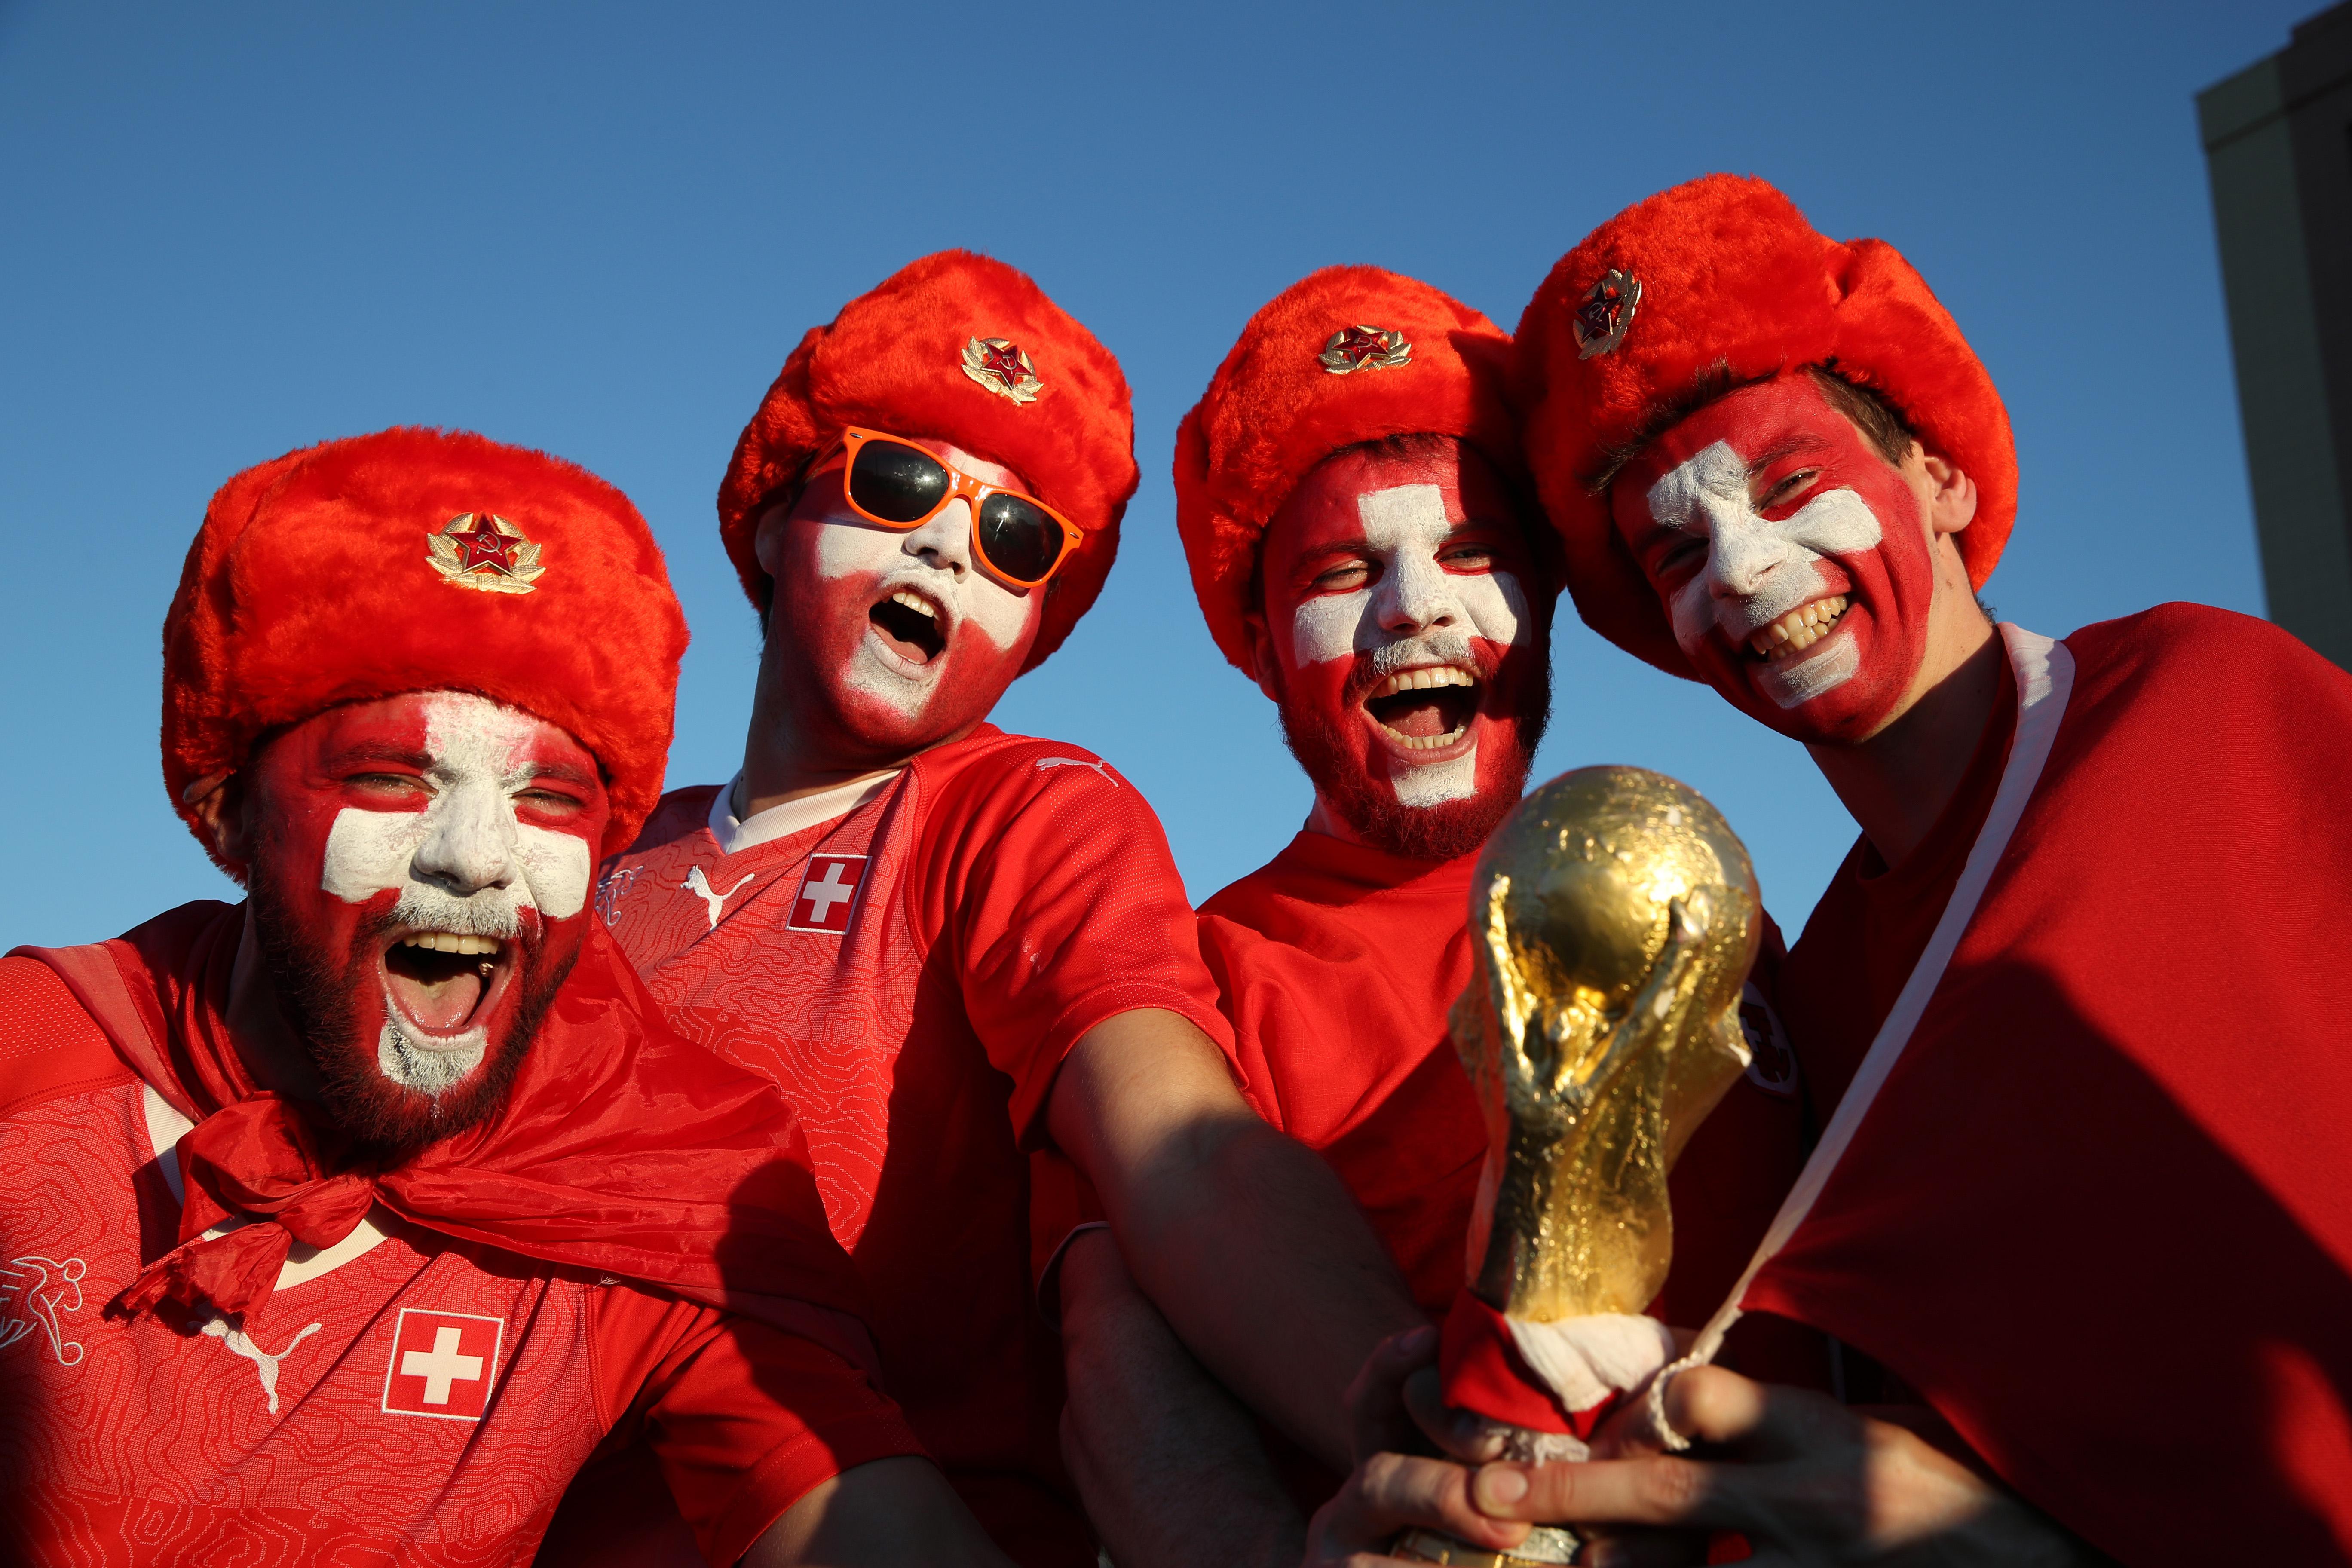 En Vivo, Partido, Suiza vs Costa Rica, Mundial